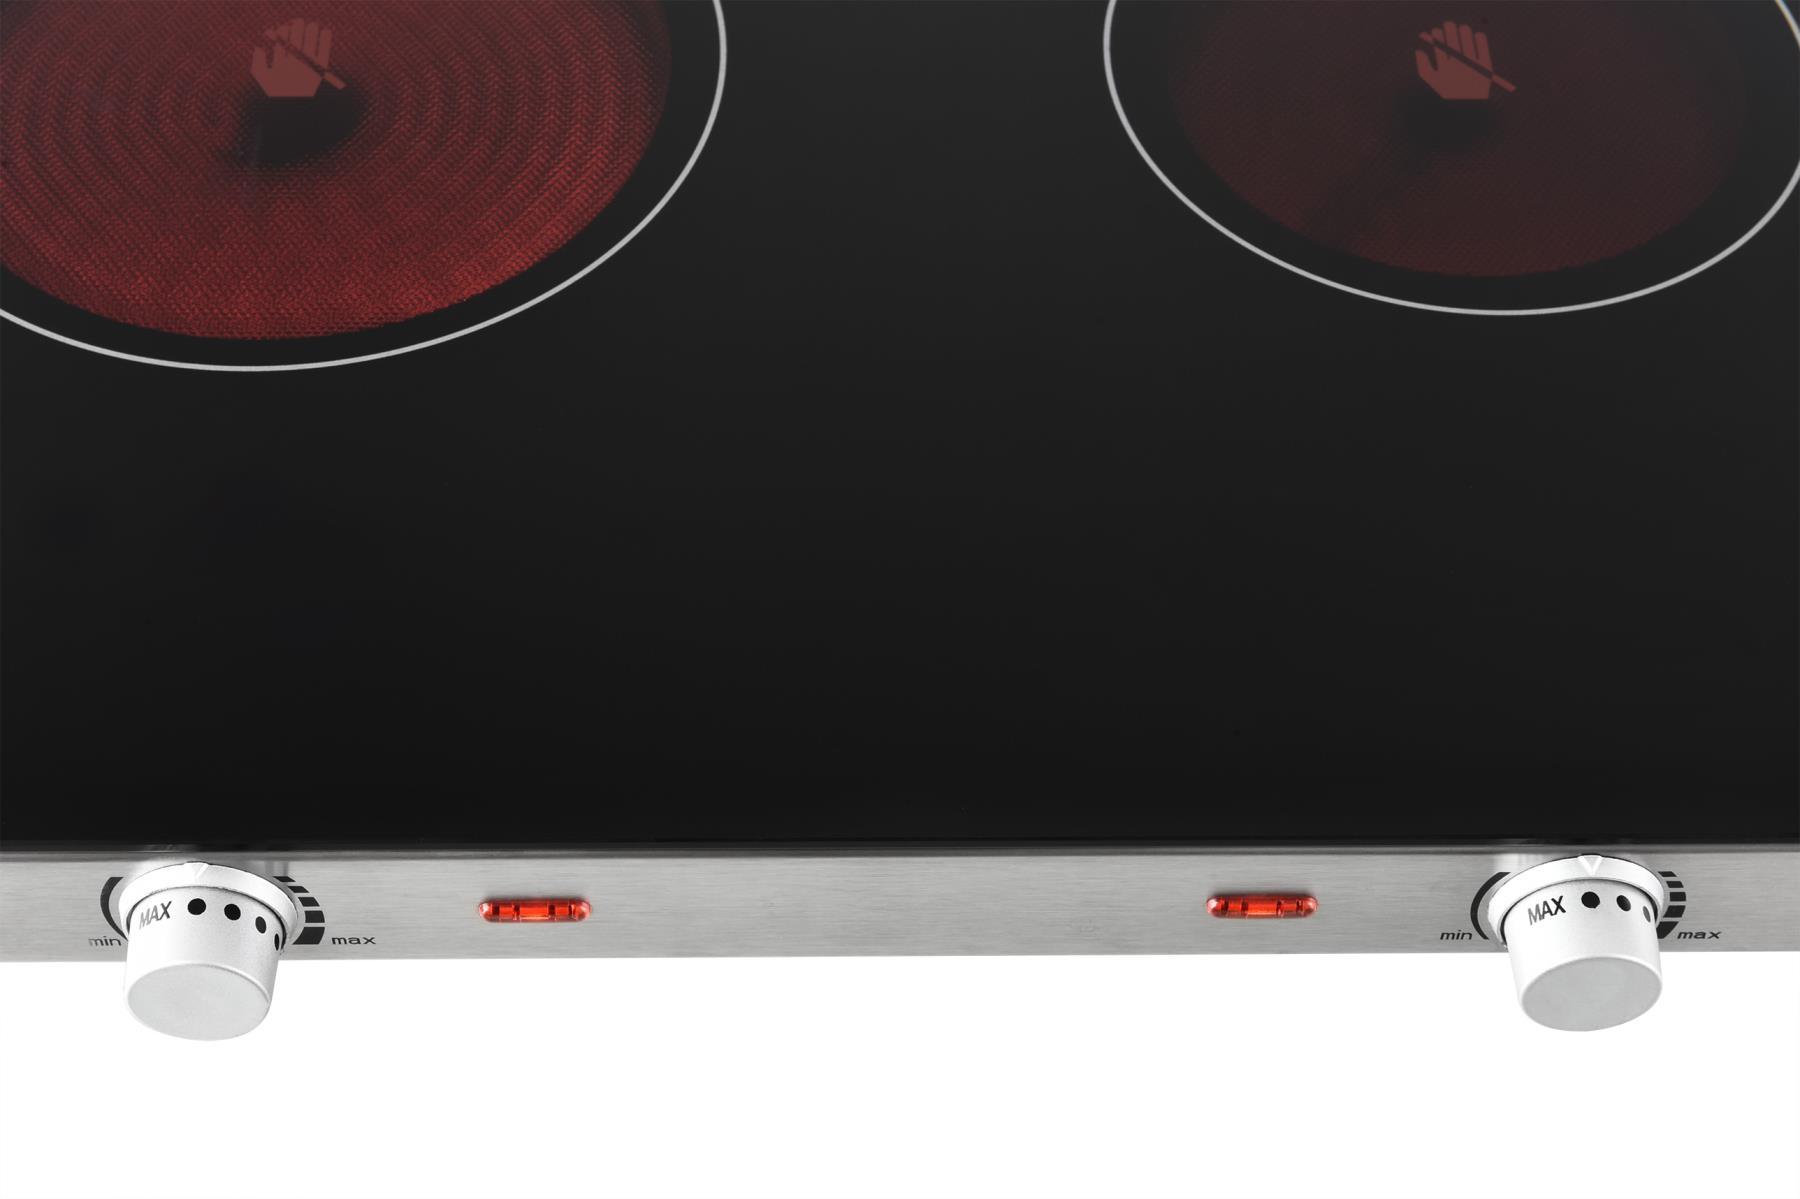 Glaskeramik-Kochplatte Infrarot Doppelkochfeld Ceran 2800W (Karton defekt)*42171 Bild 3